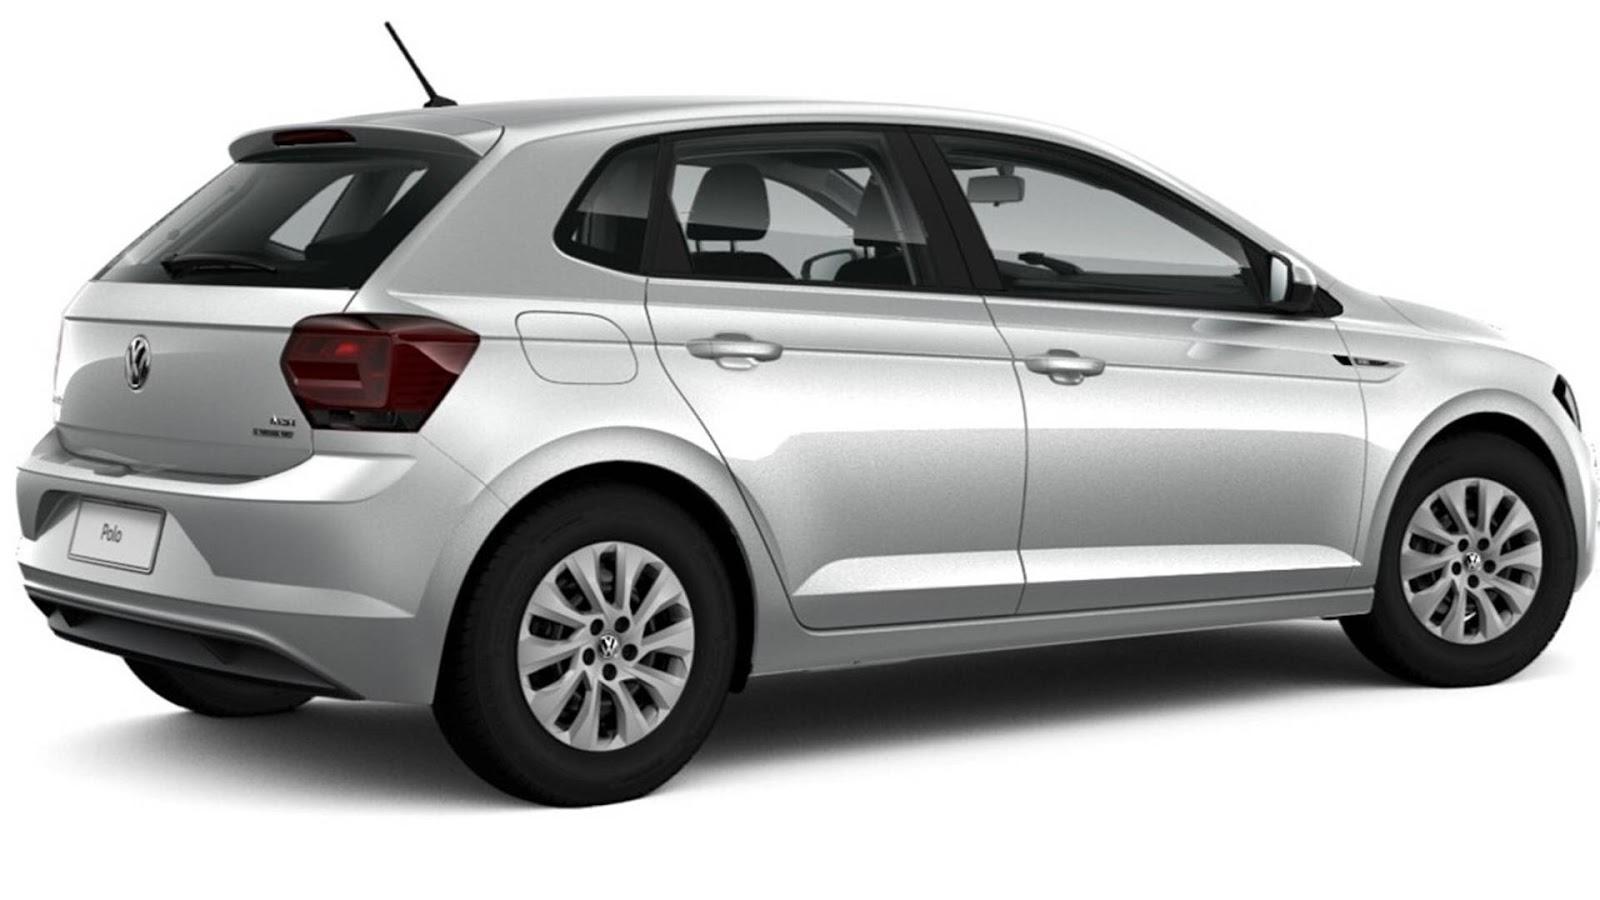 VW Polo 1.6 MSI Automático 2019  preço - R  62.690 reais  866f3012b0d68